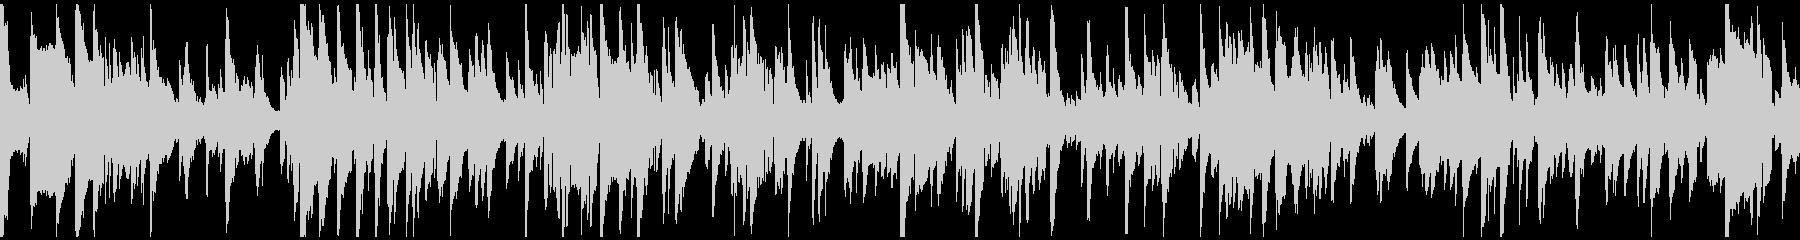 優雅なサックスのジャズバラード※ループ版の未再生の波形